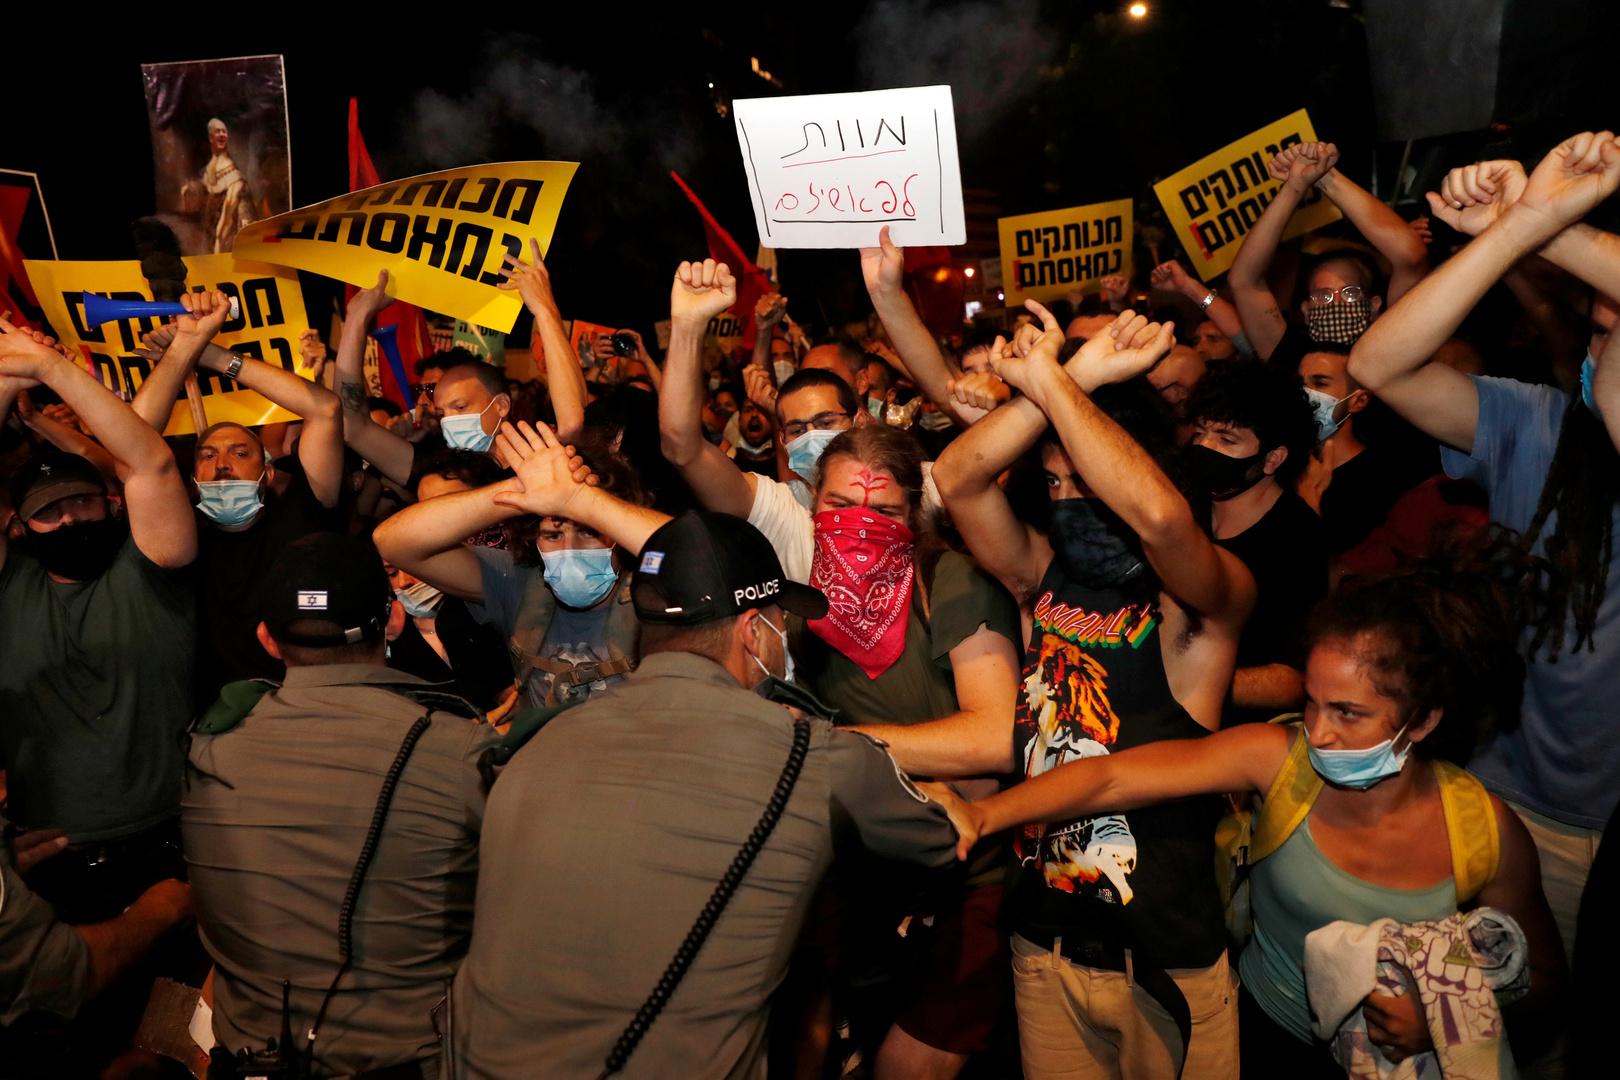 انخفاض بورصة تل أبيب وسط مظاهرات في إسرائيل